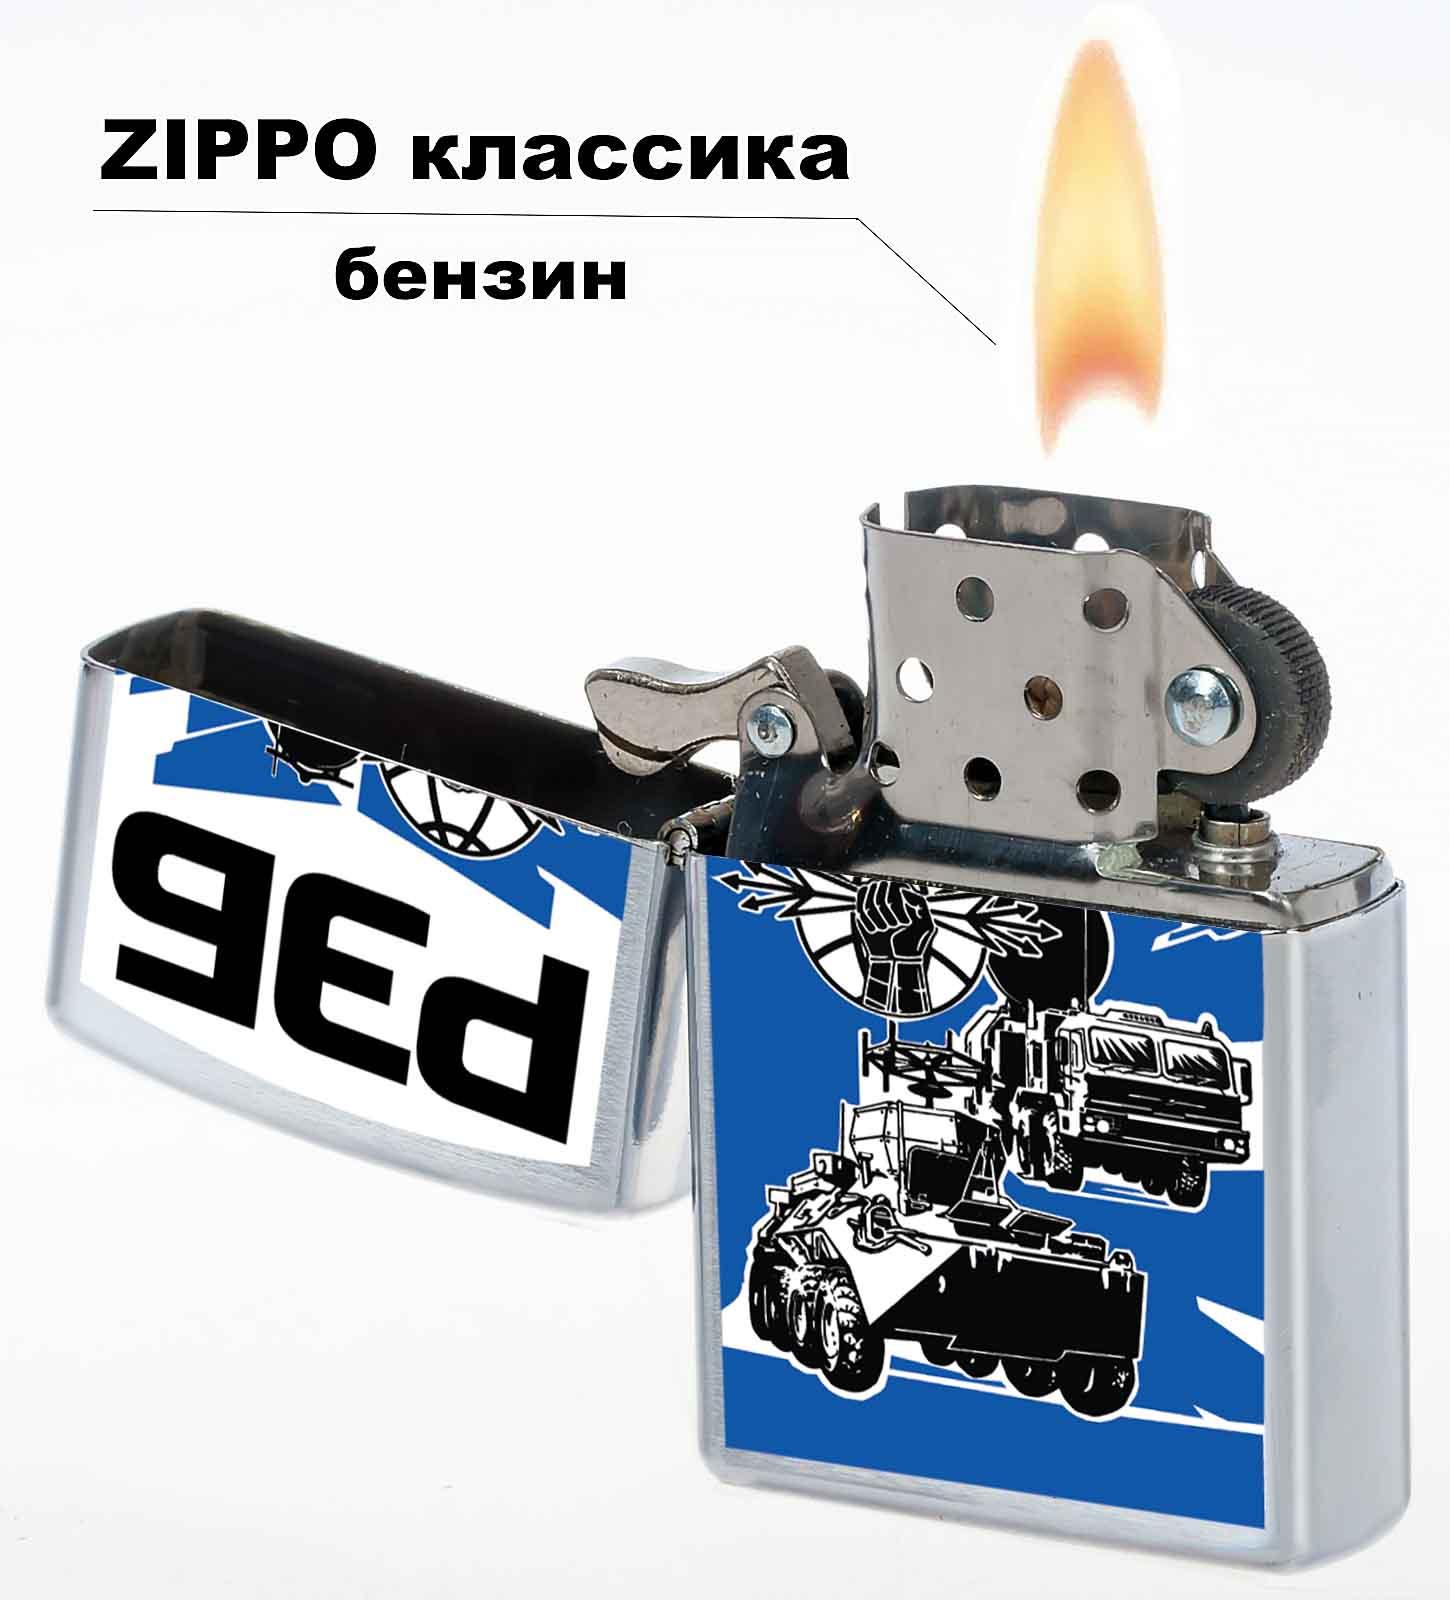 """Купить надежную бензиновую зажигалку """"РЭБ"""" по экономичной цене"""